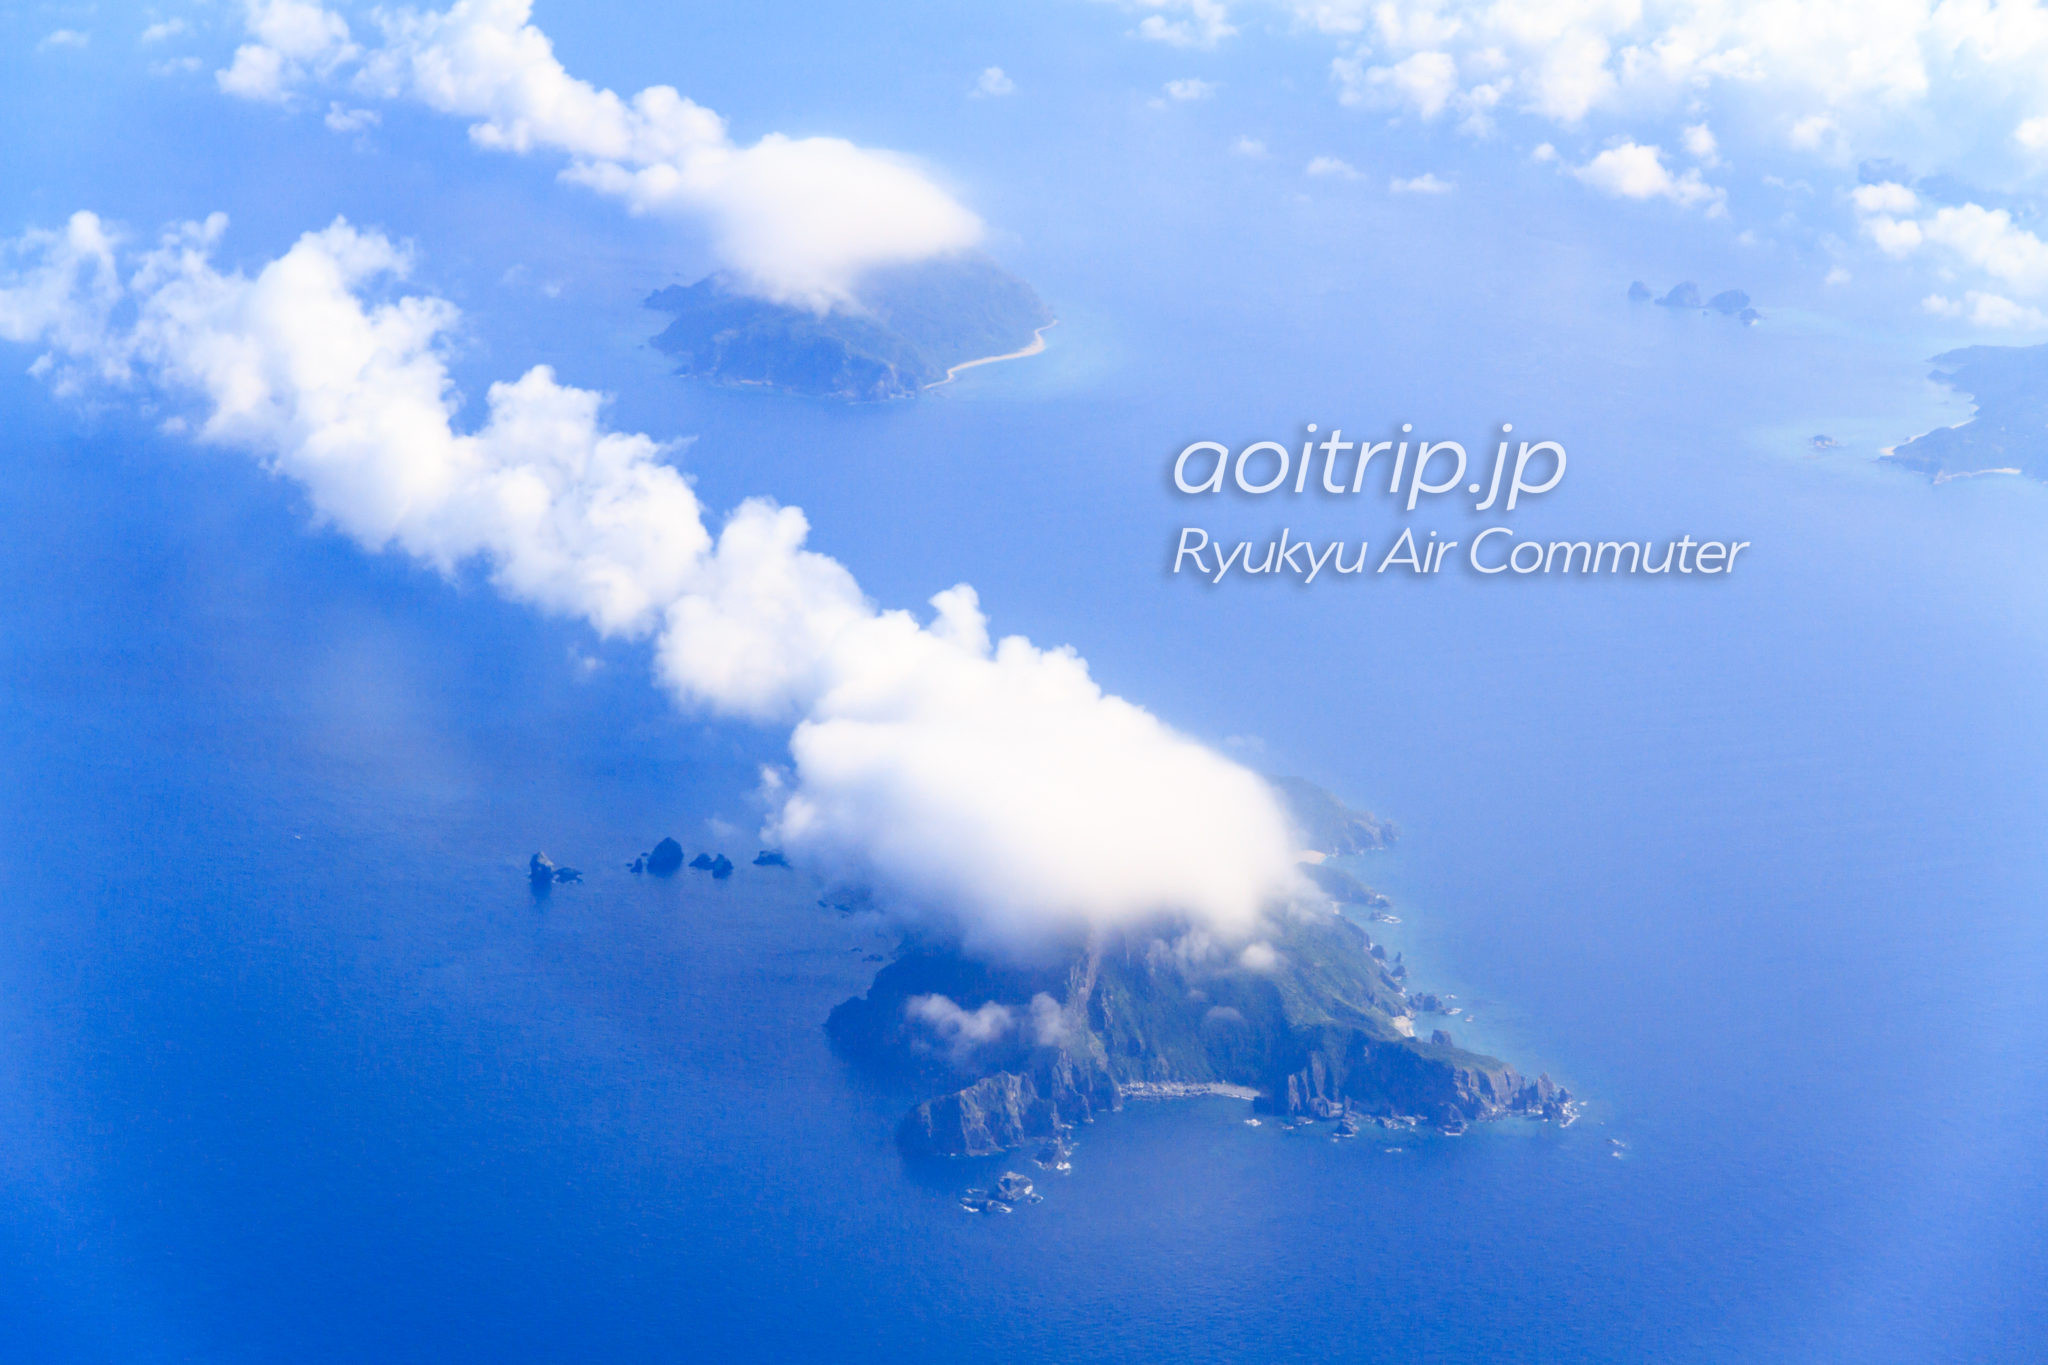 飛行機機内から見る久場島と屋嘉比島